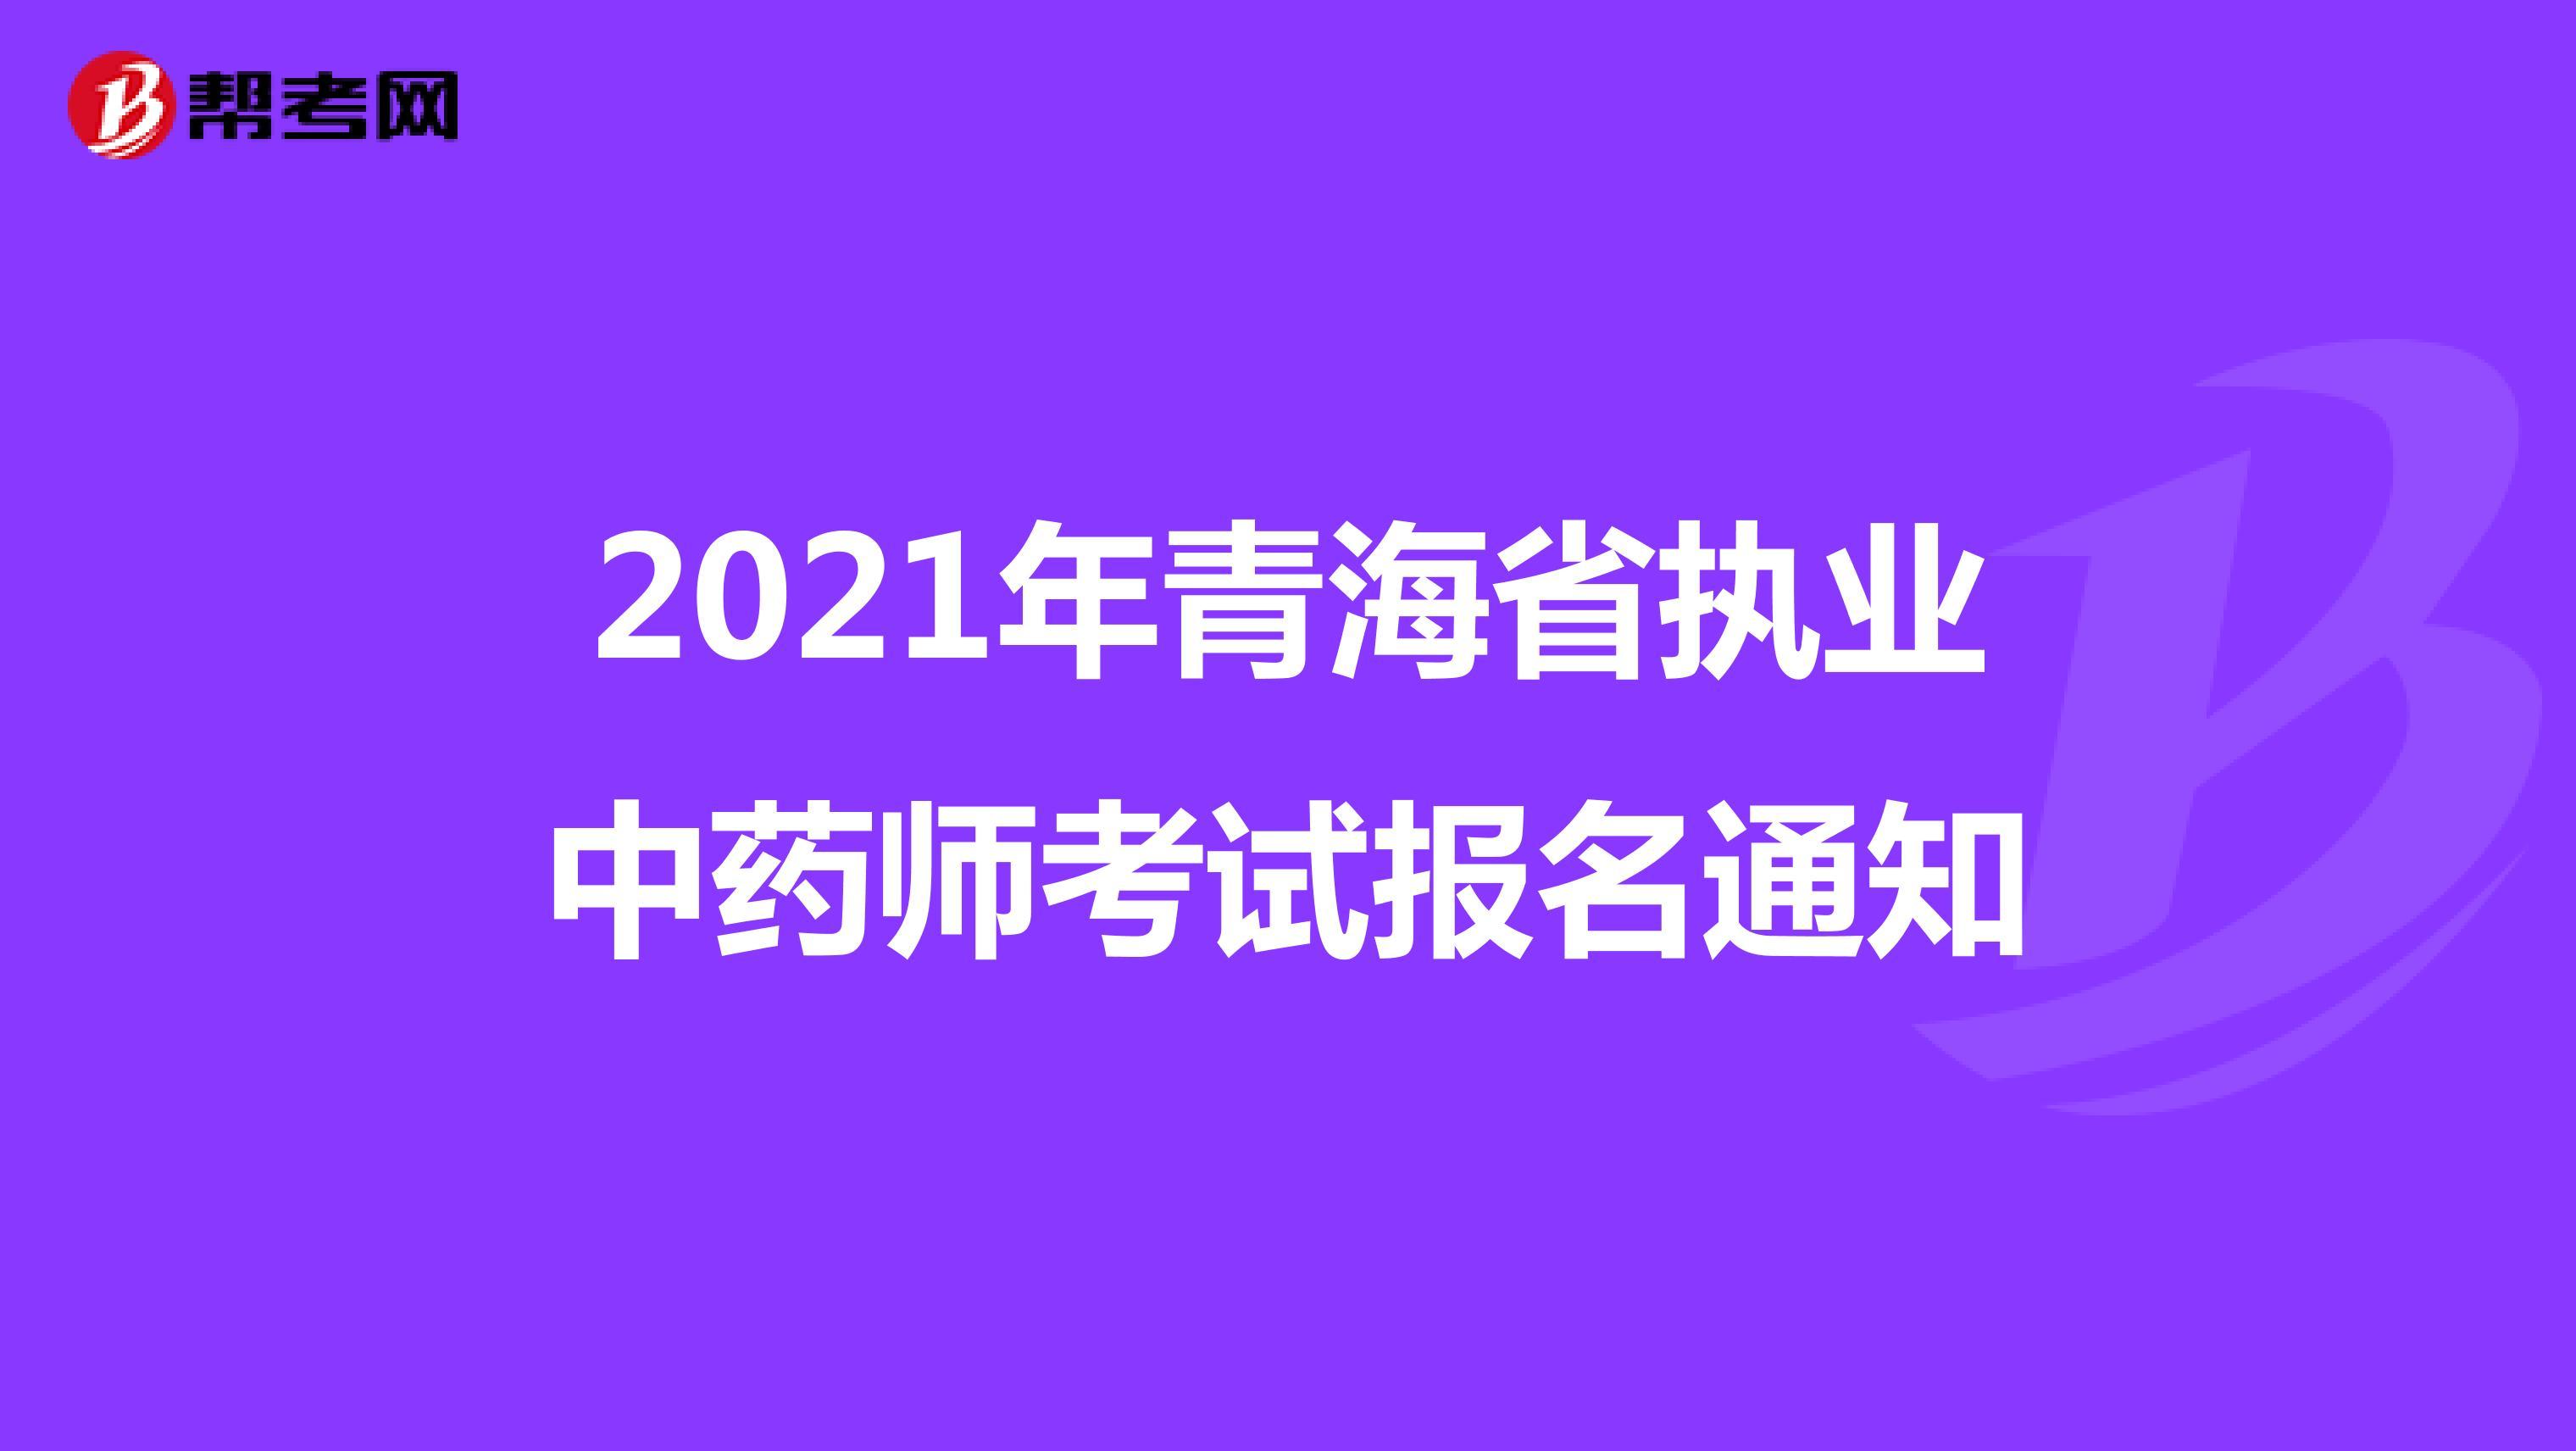 2021年青海省执业中药师考试报名通知